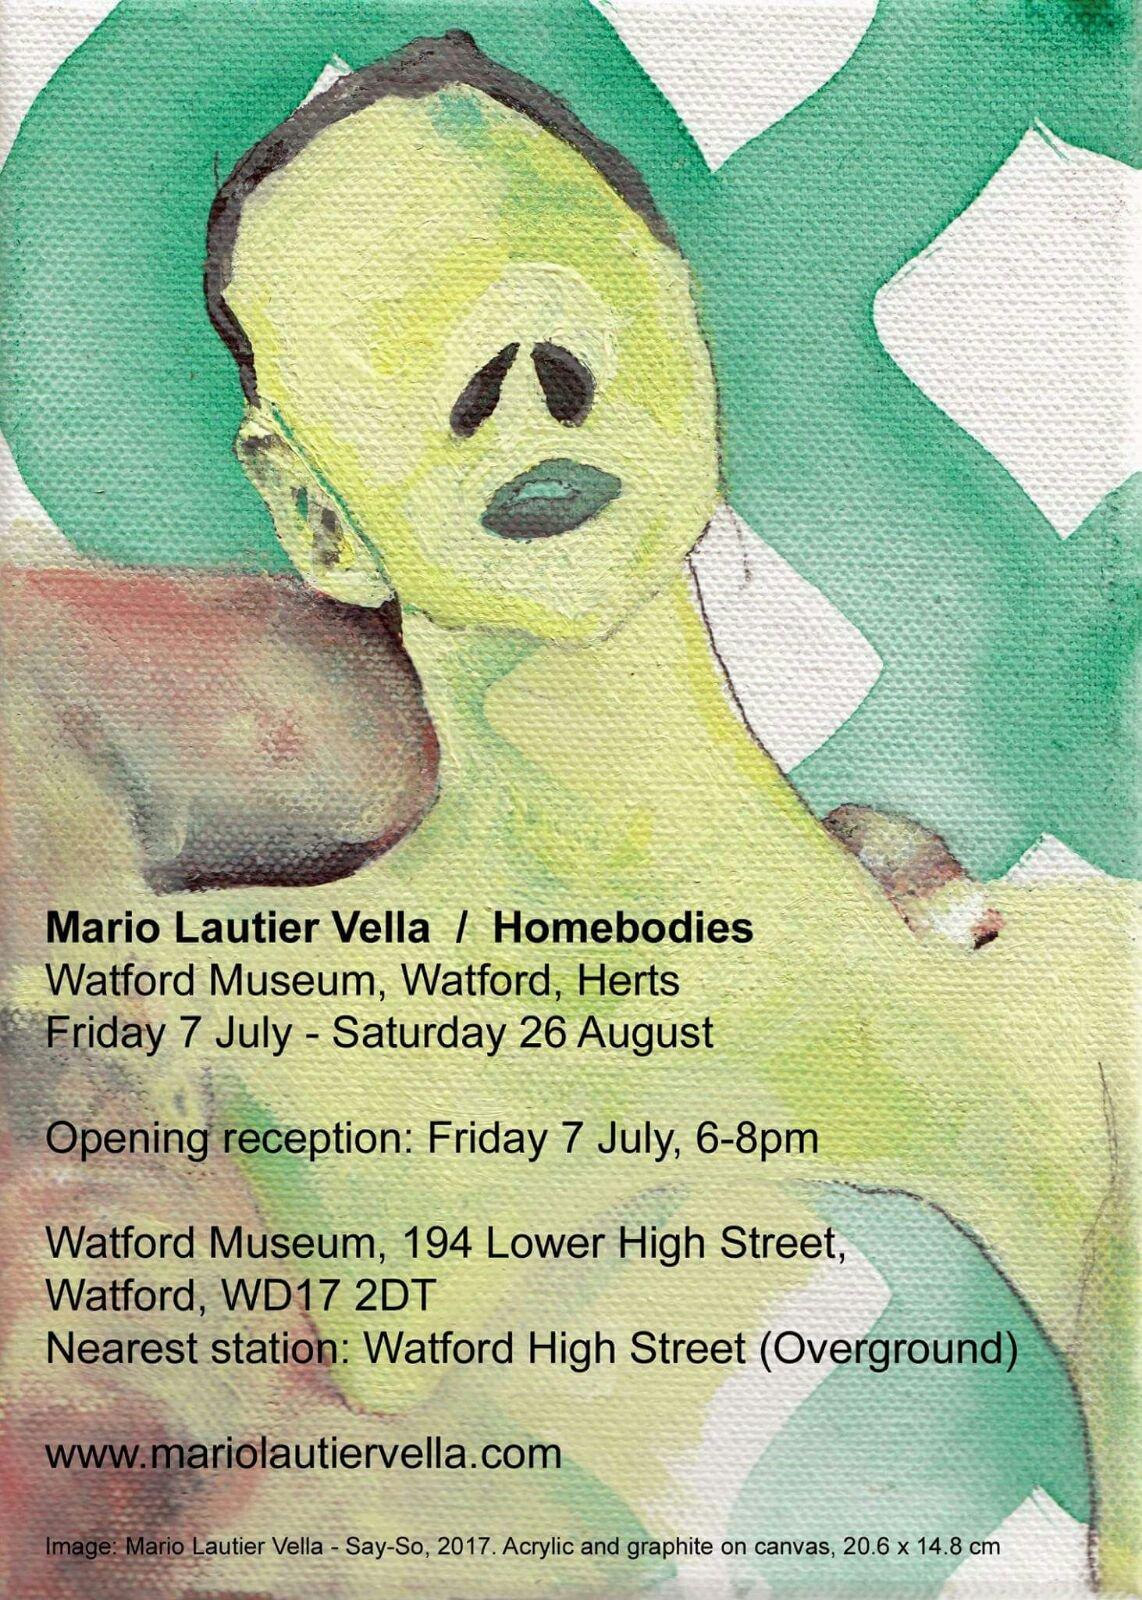 Mario Lautier Vella Exhibition Poster